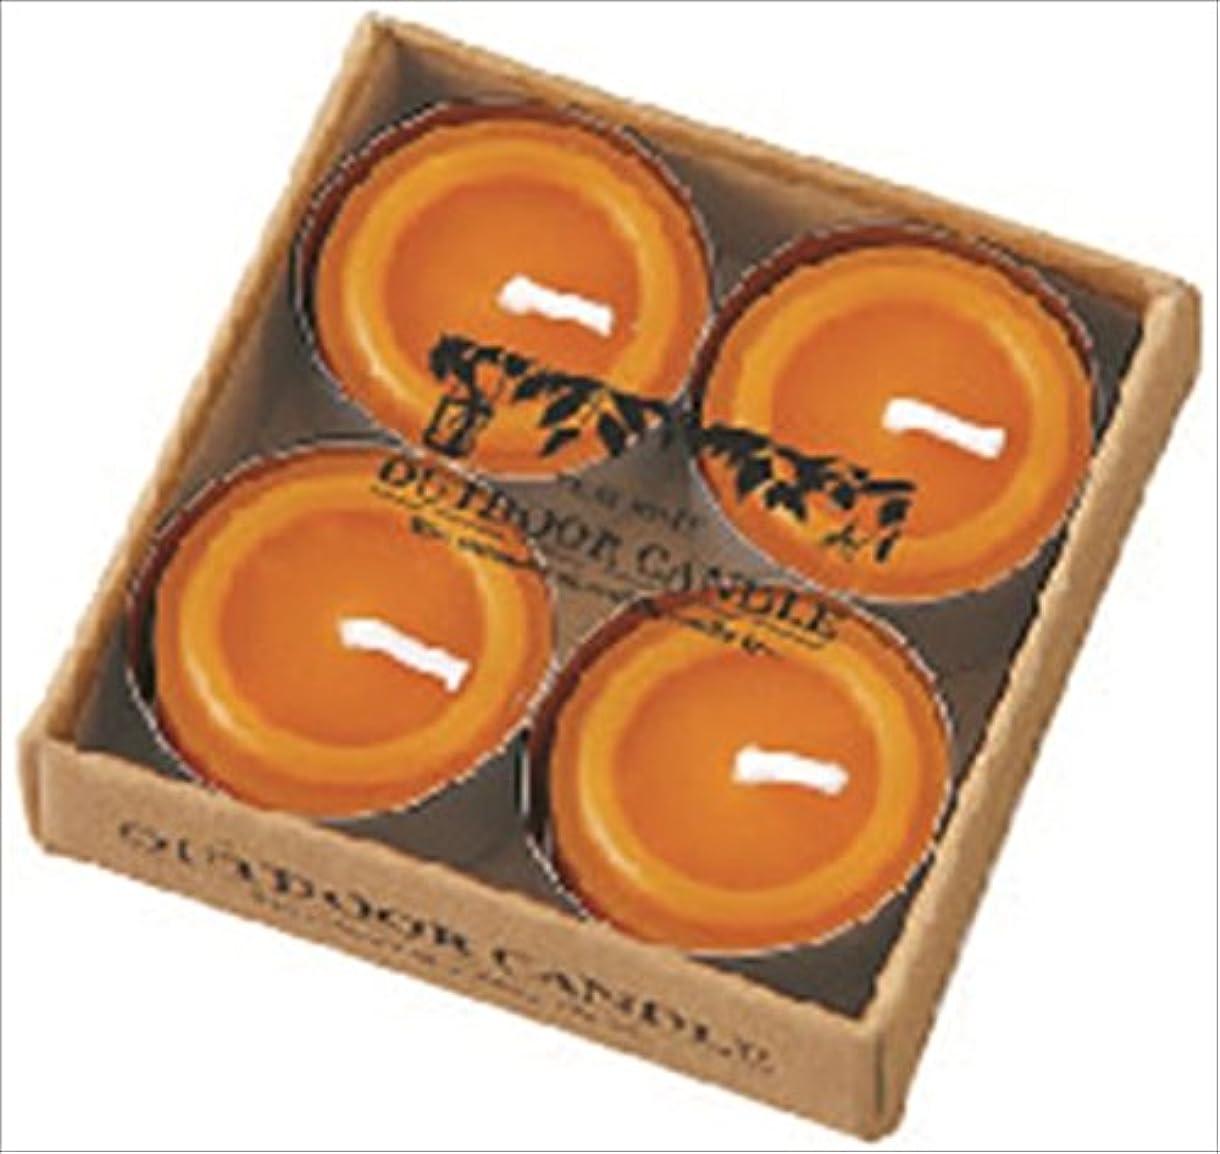 有用露骨な現像カメヤマキャンドル( kameyama candle ) シトロネラティーライト4個入り A8590500